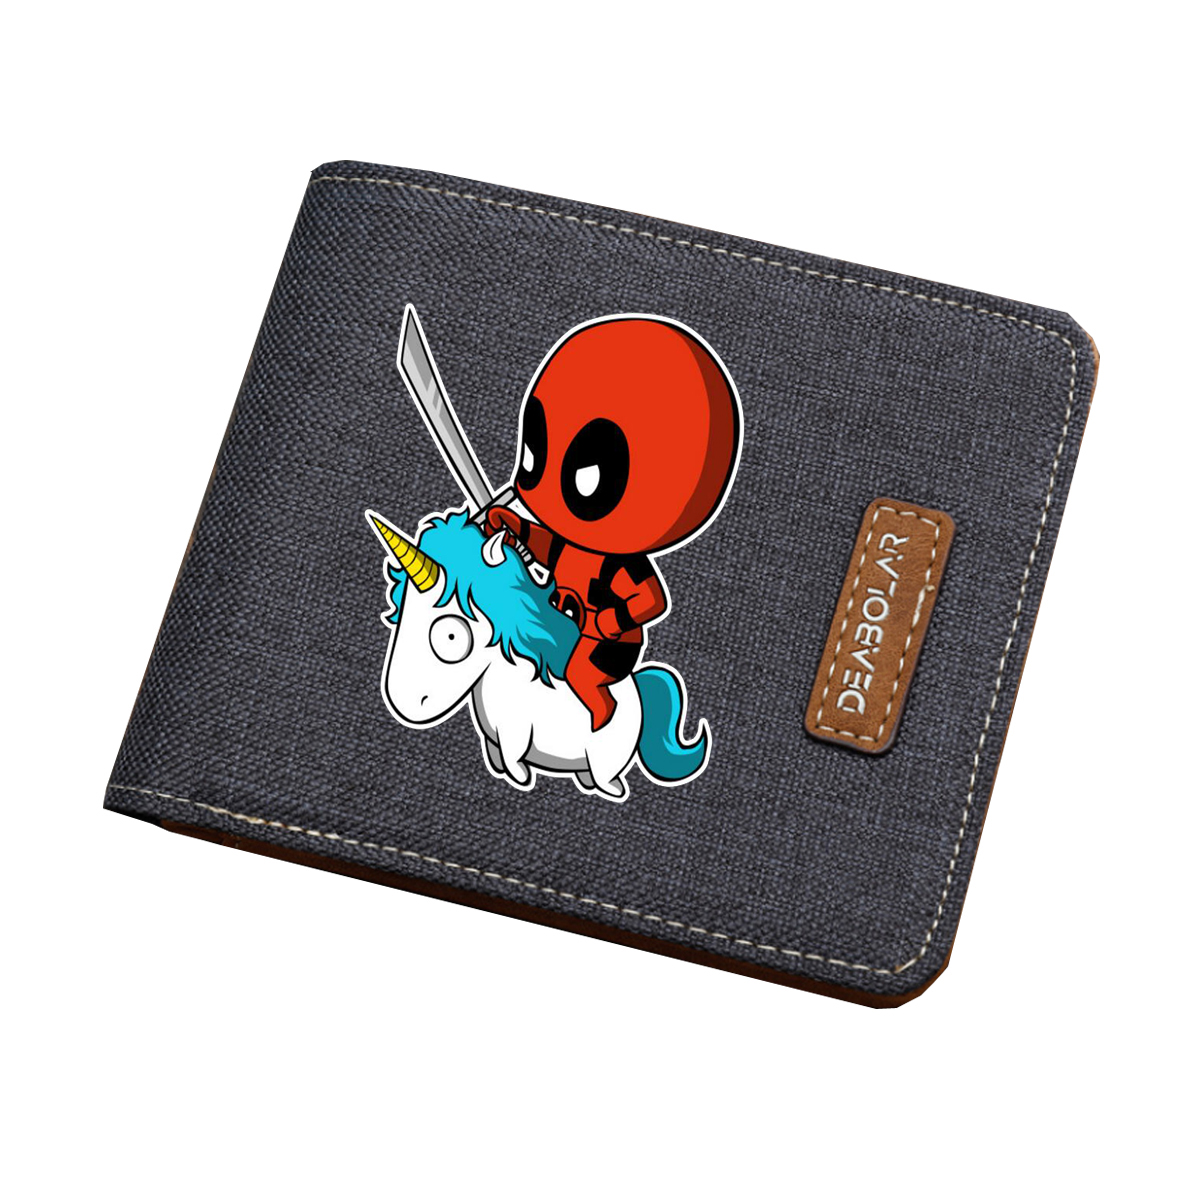 Deadpool Wallet Money-Bag Coin-Purse Comics Teenagers Women Card-Holder Short Canvas